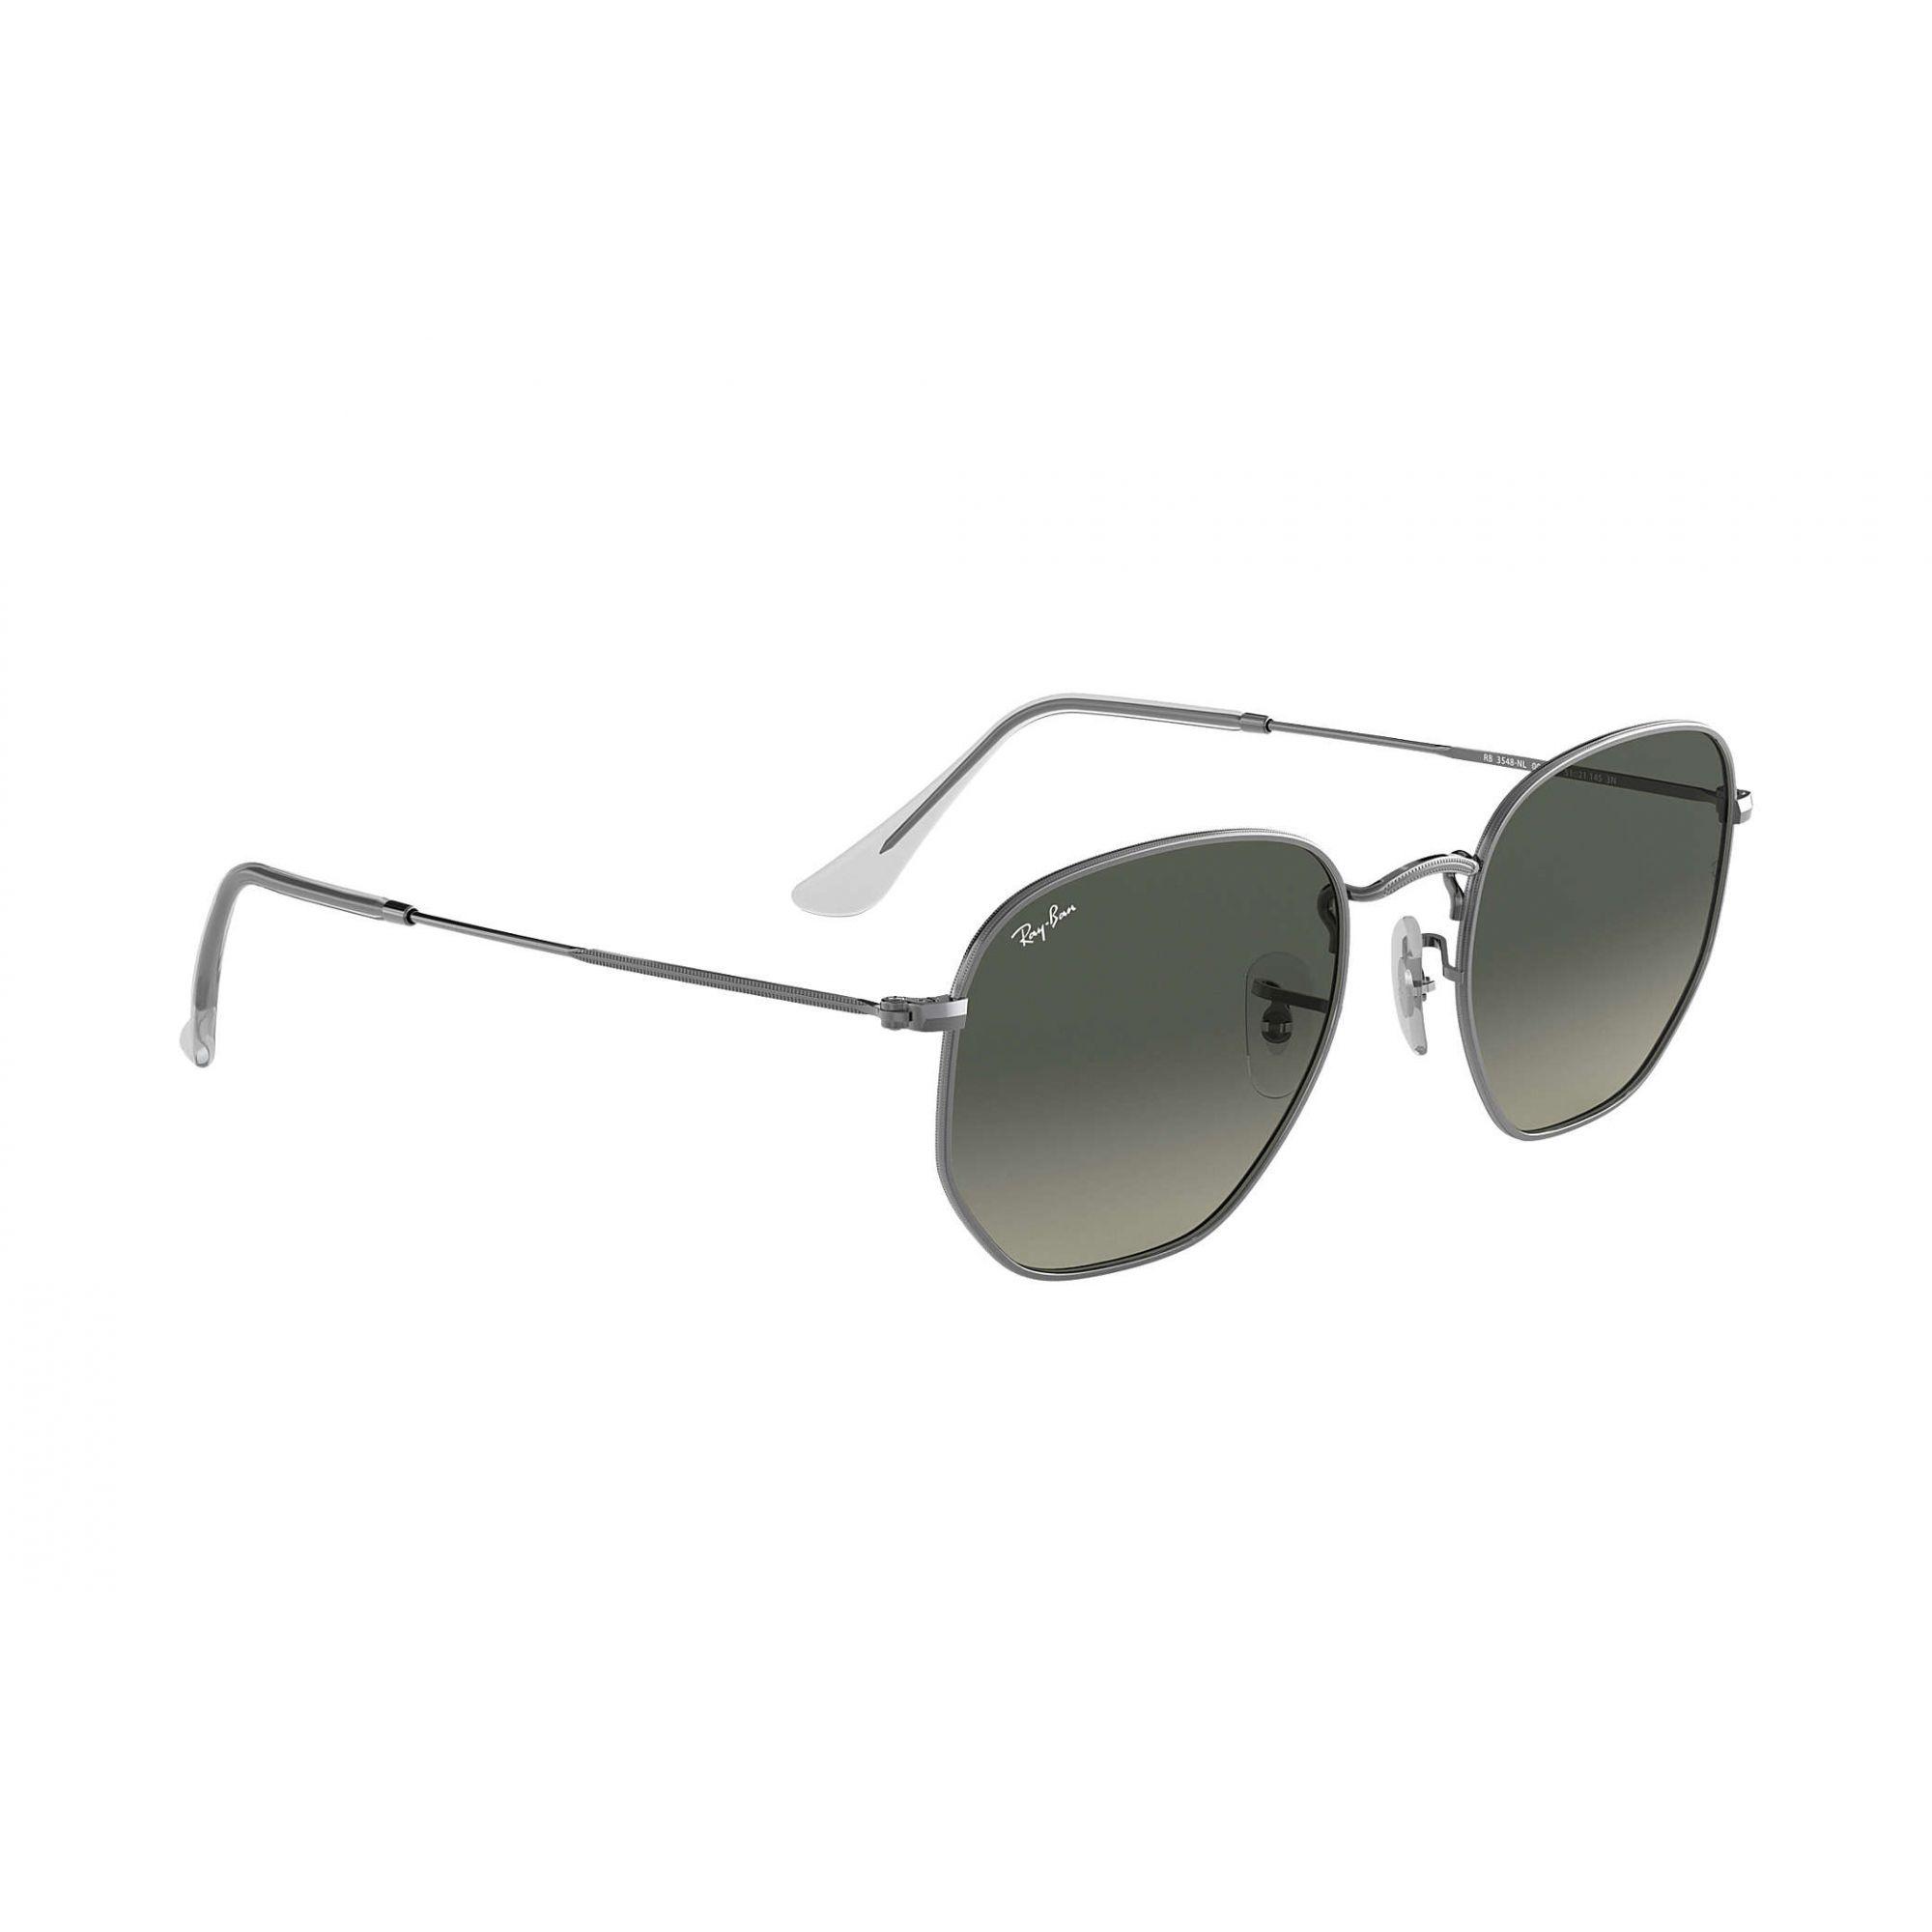 Óculos de Sol Ray-Ban Hexagonal Cinza Degradê